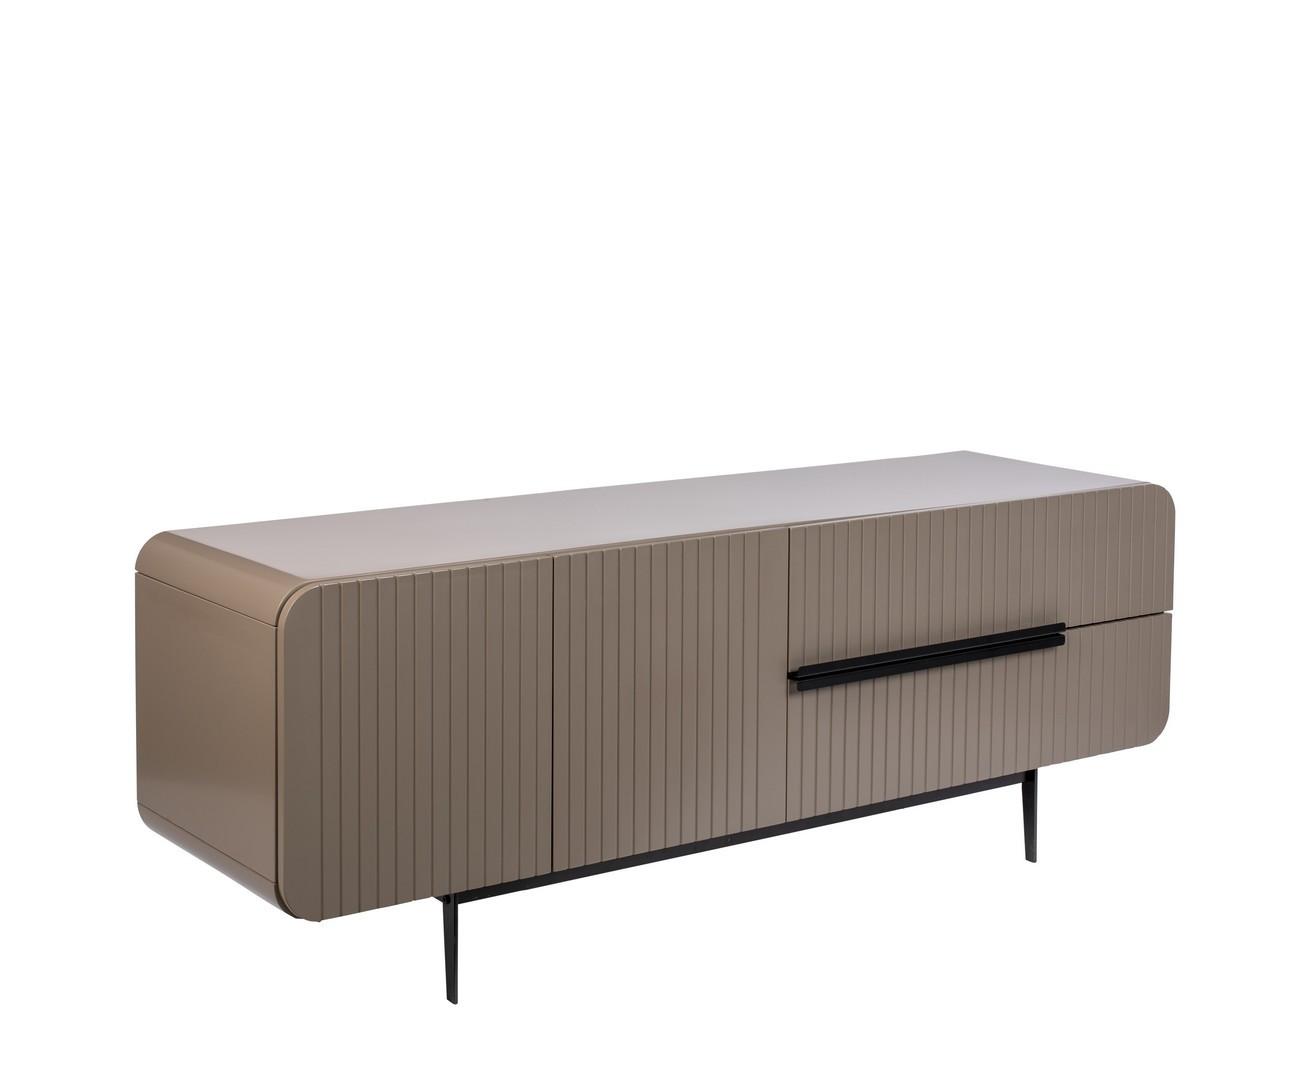 Buffet 2 portes 2 tiroirs en bois et métal 150x55cm gris